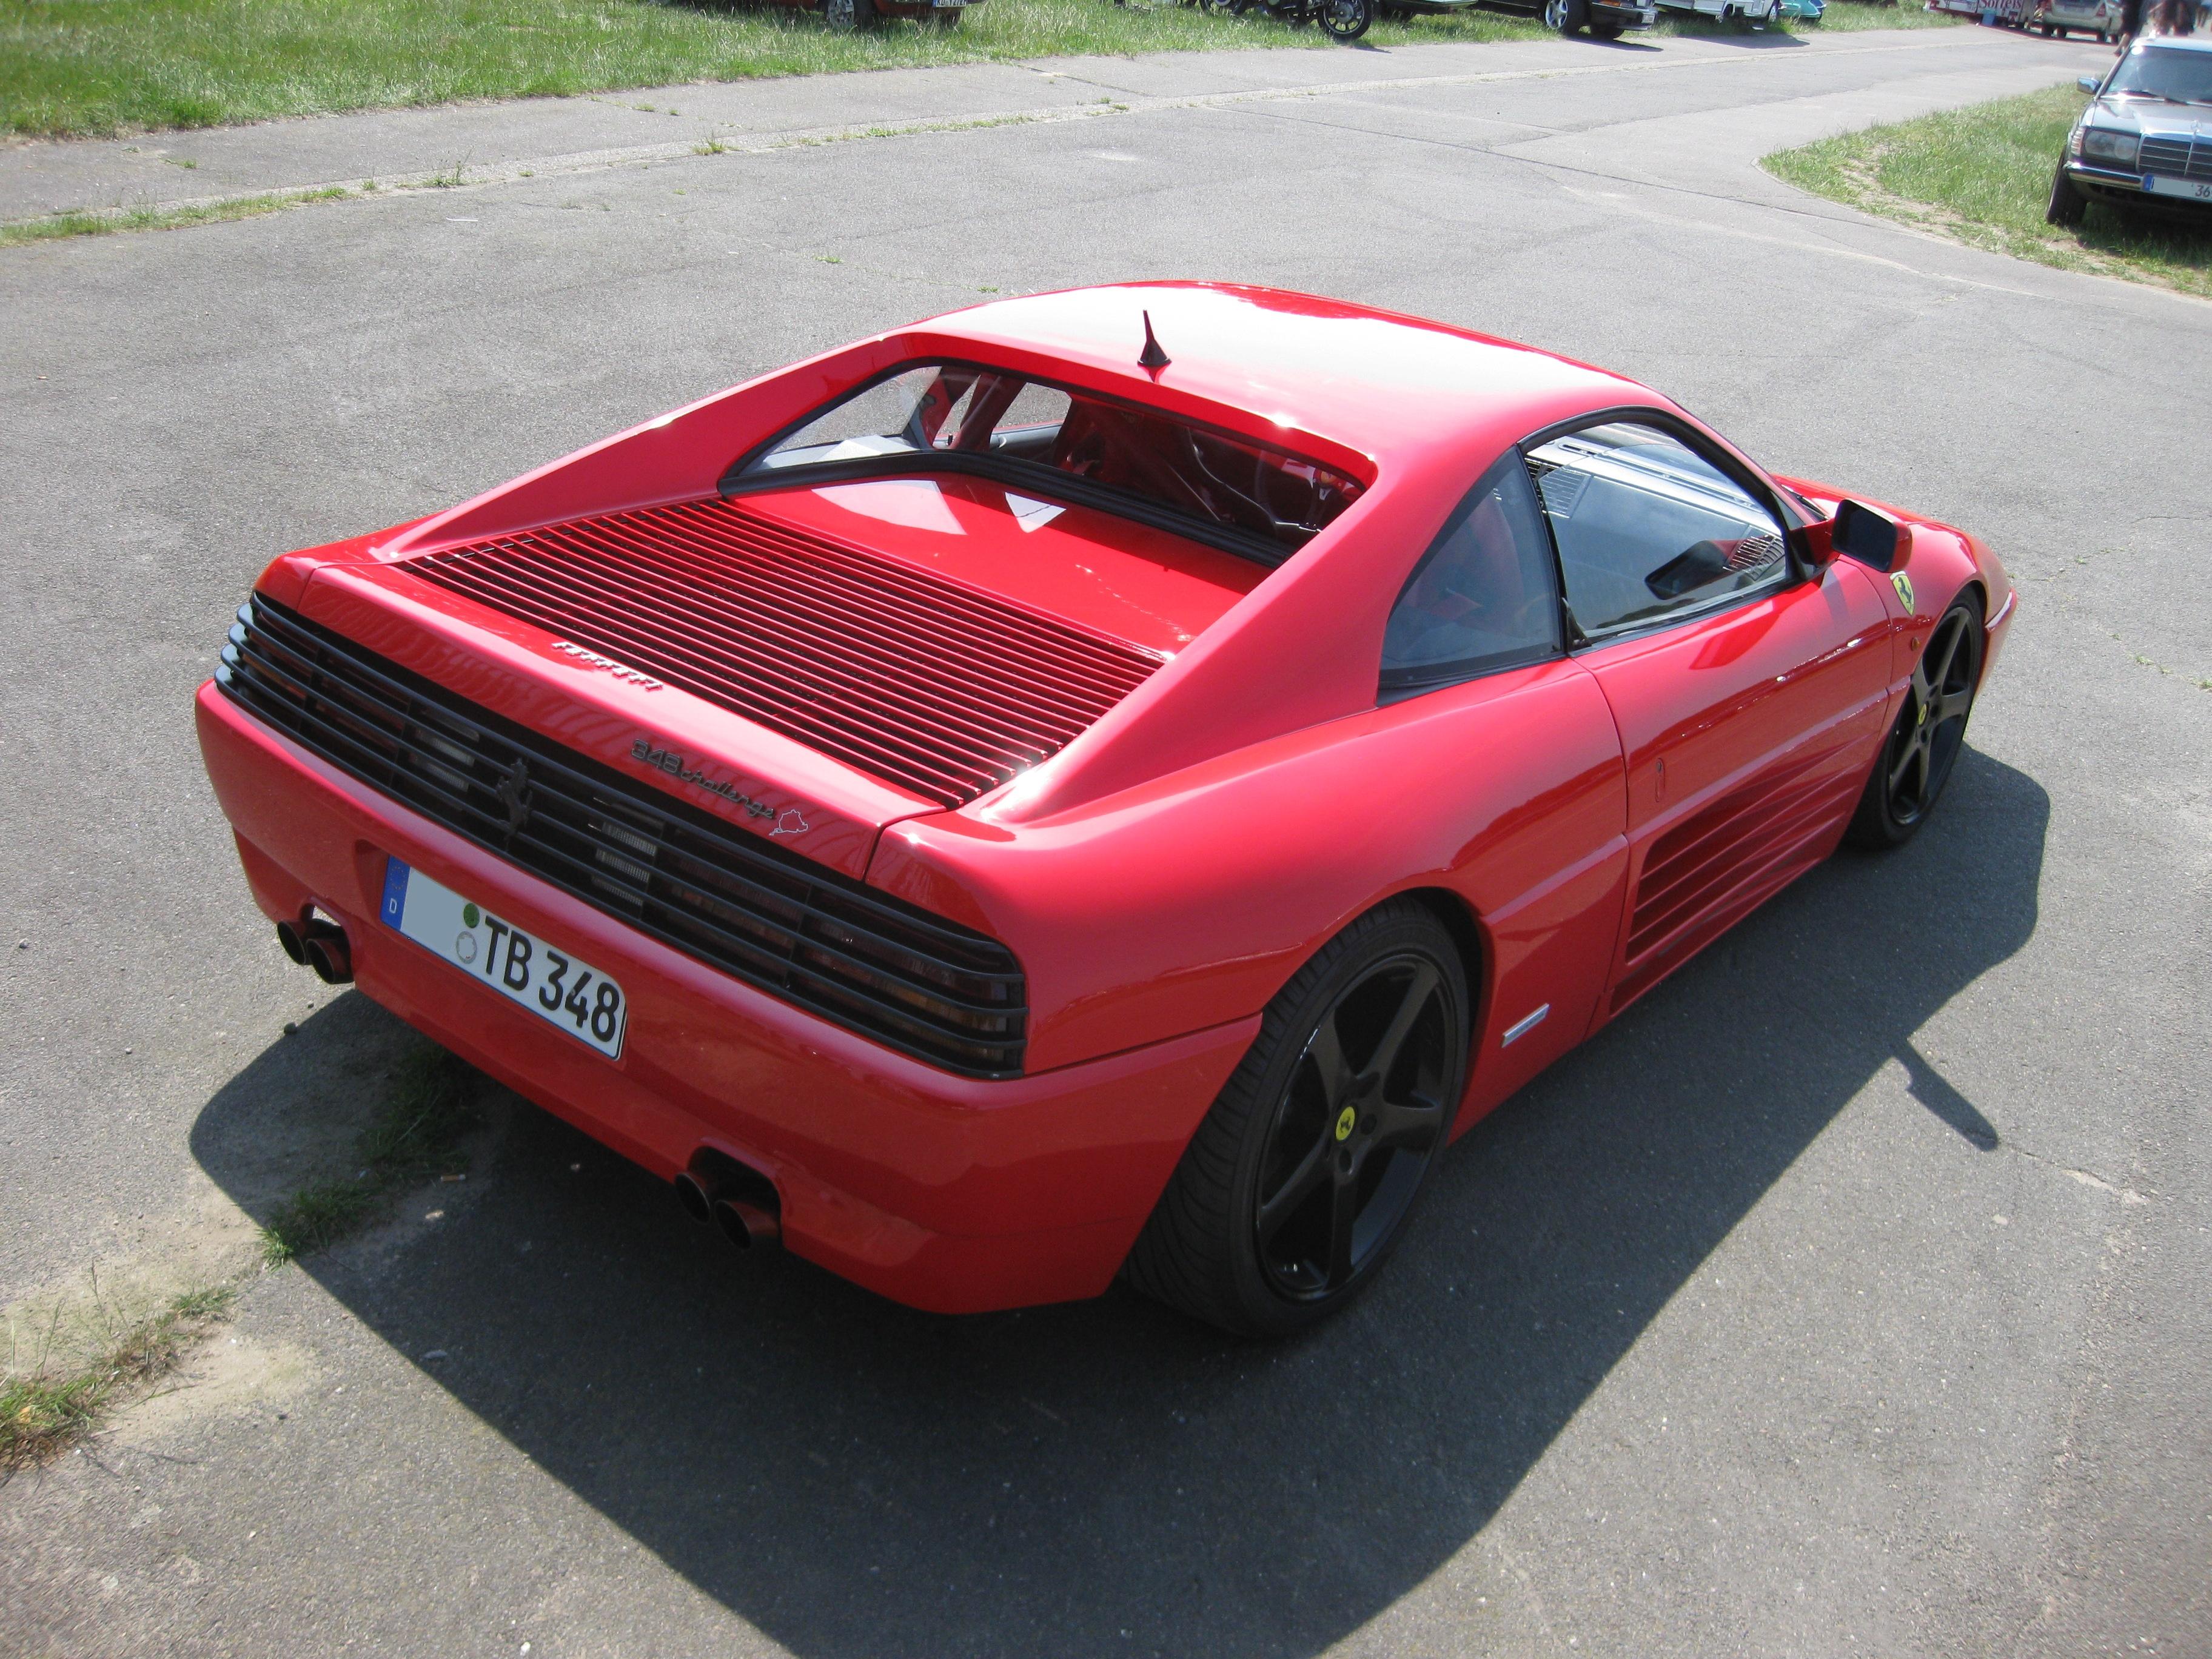 F348tb_Challenge Amazing Ferrari Agostini Auto Junior Mondial Cabriolet Cars Trend